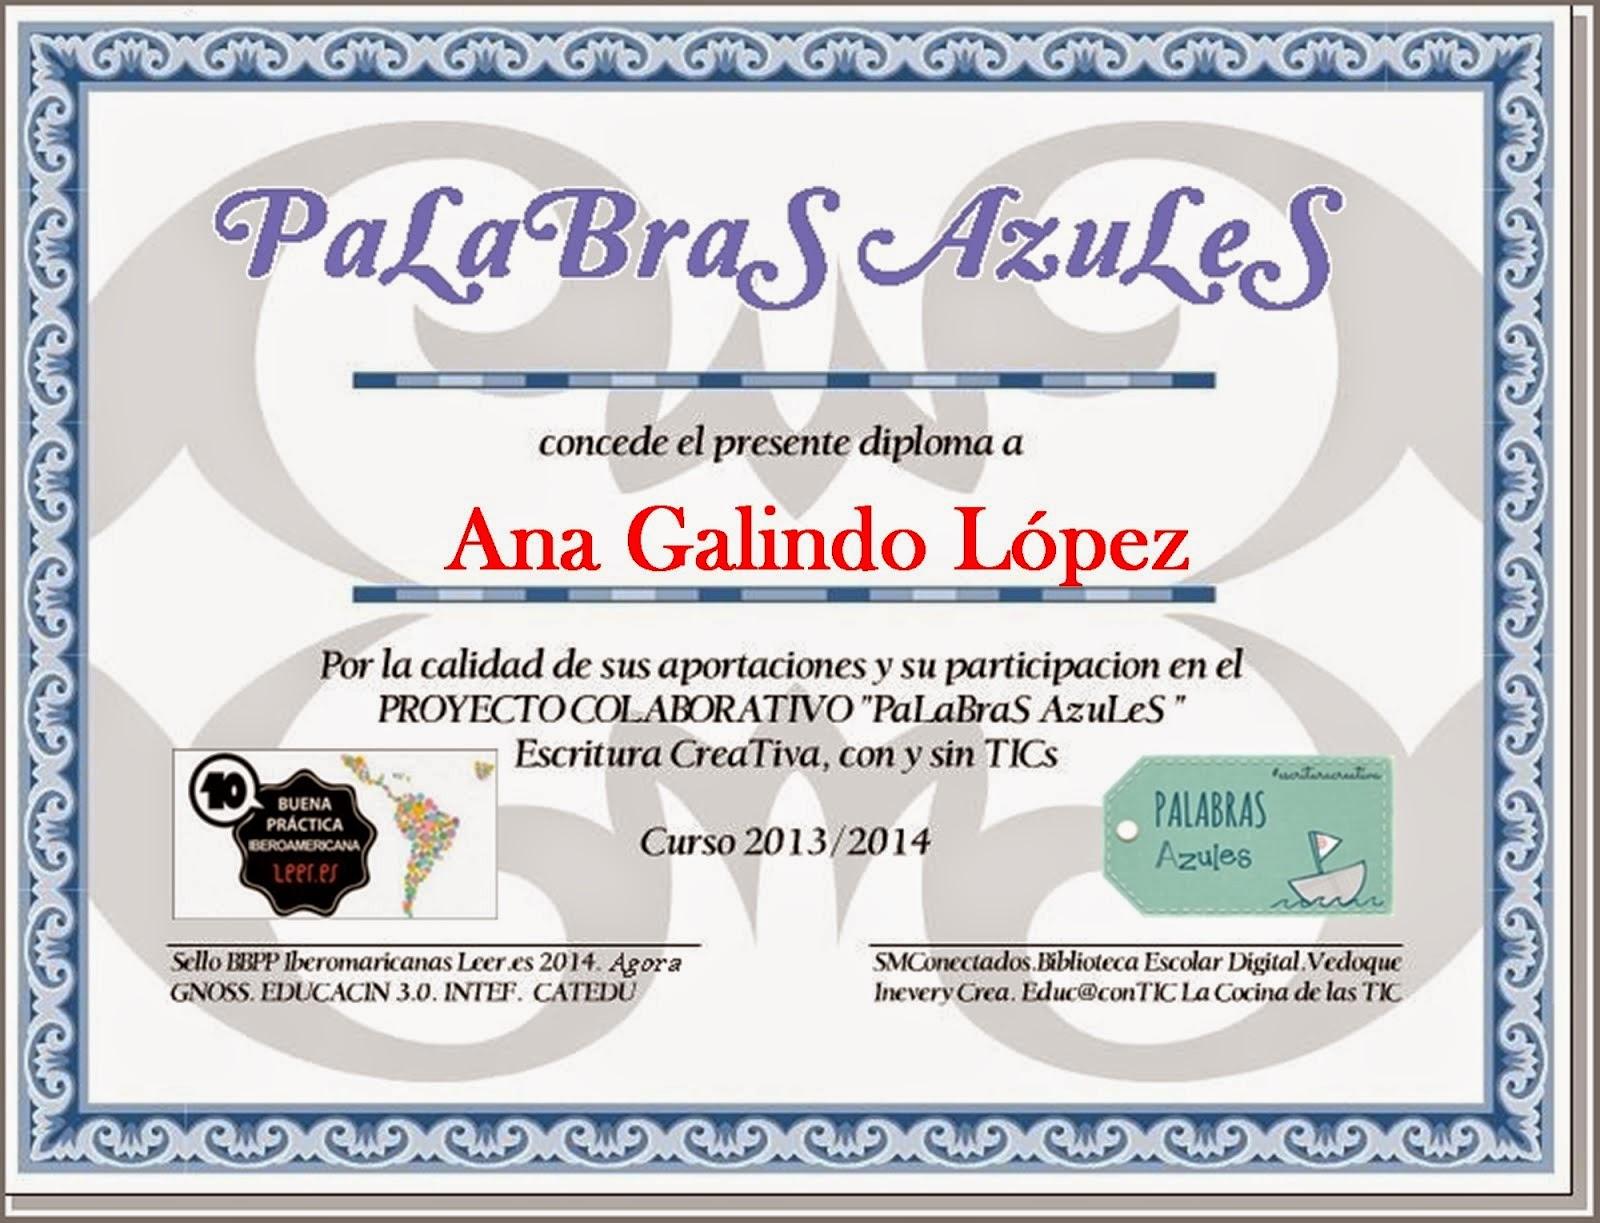 Colaboraciones en PaLaBraS AzuLeS